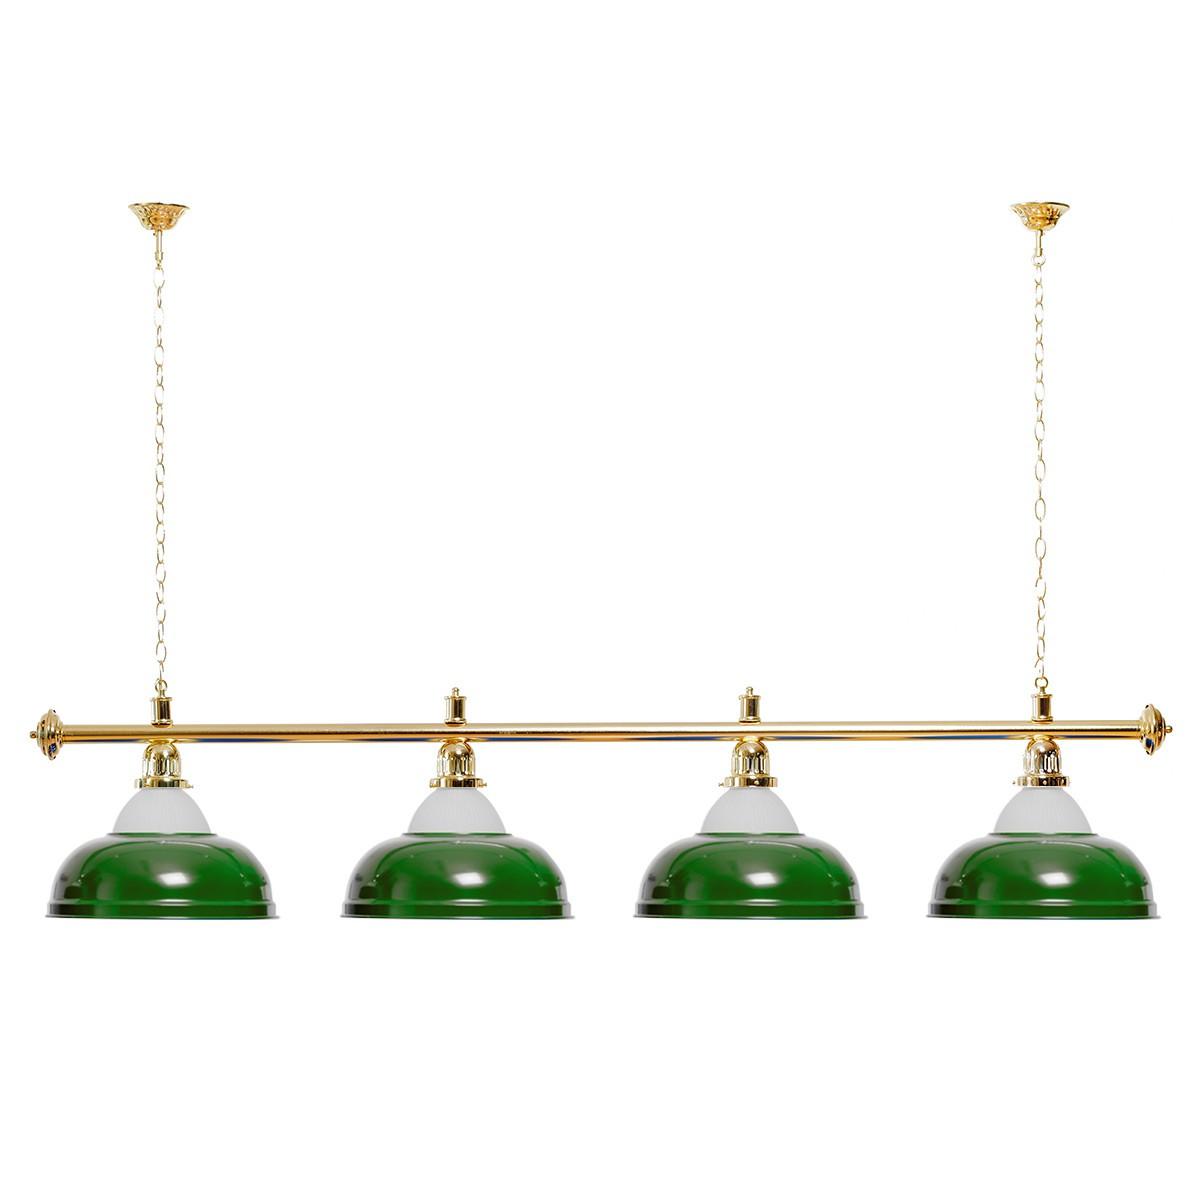 Billard Lampe 4 Schirme grün mit Glas / goldfarbene Halterung